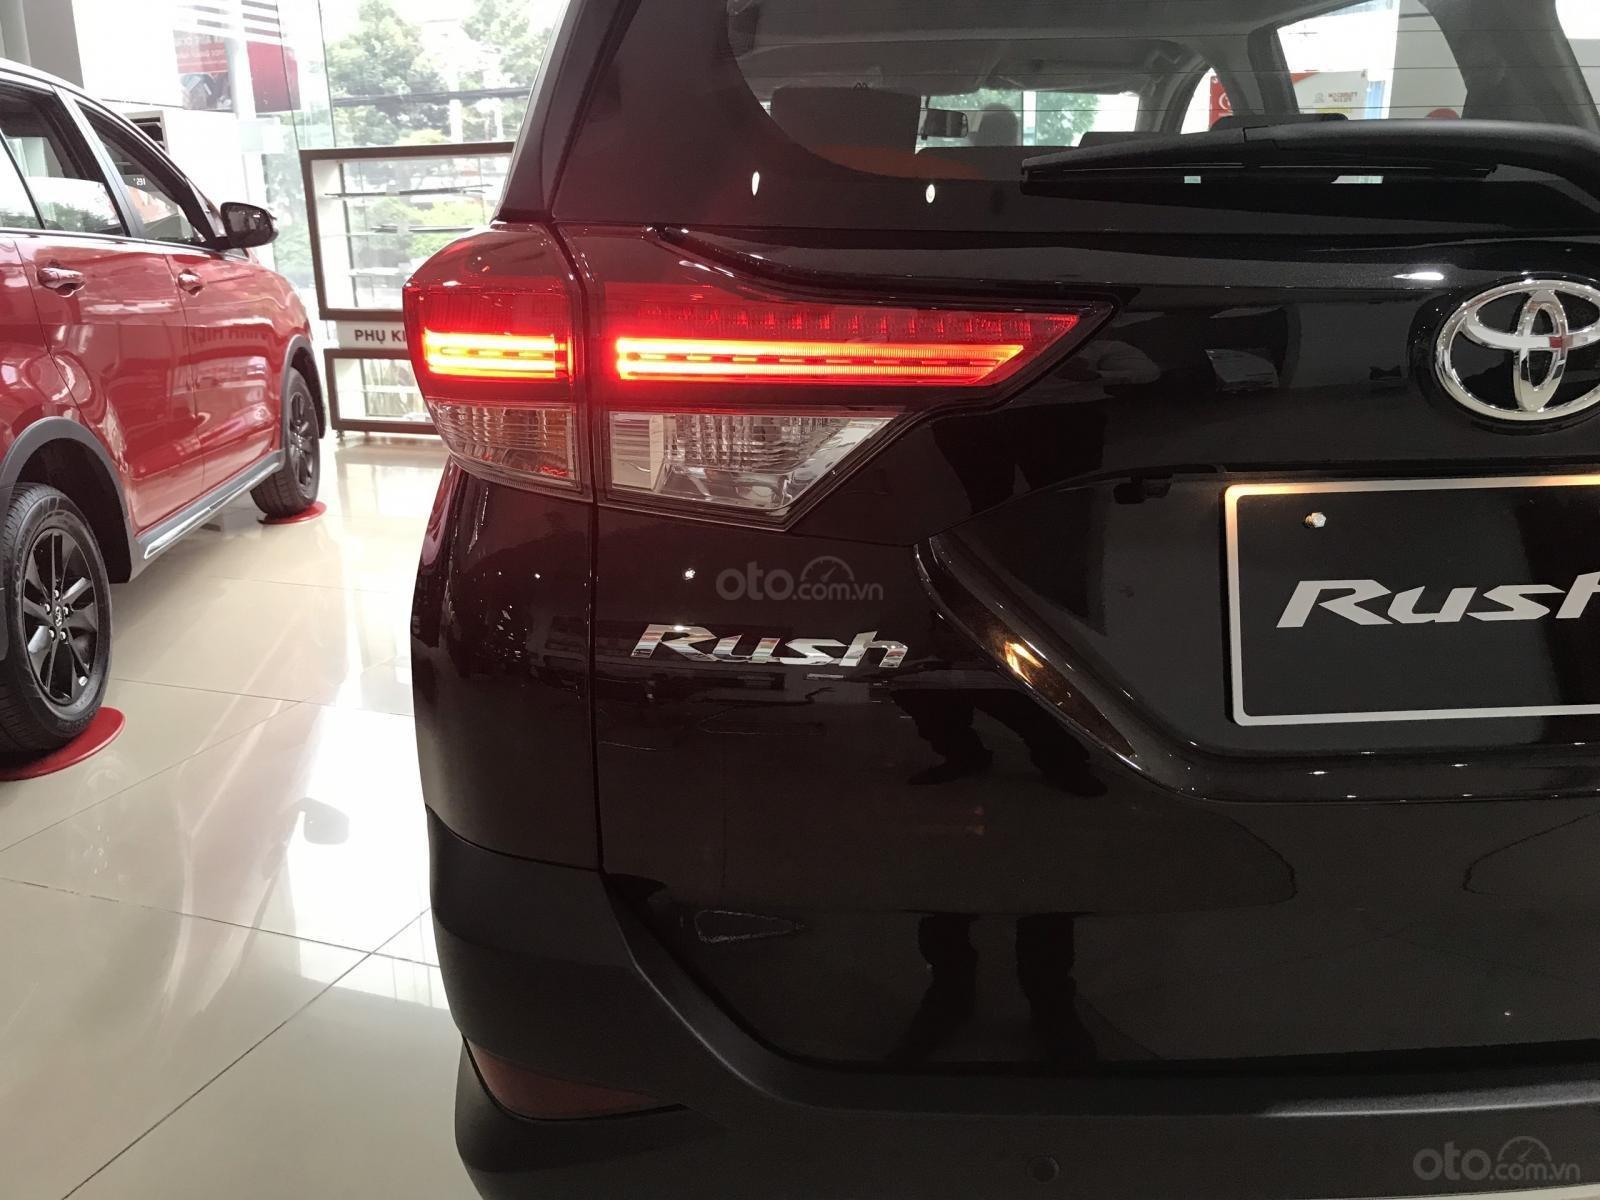 Toyota Rush nhập khẩu nguyên chiếc, khuyến mãi khủng tháng 9/2020, xe đủ màu giao ngay (11)